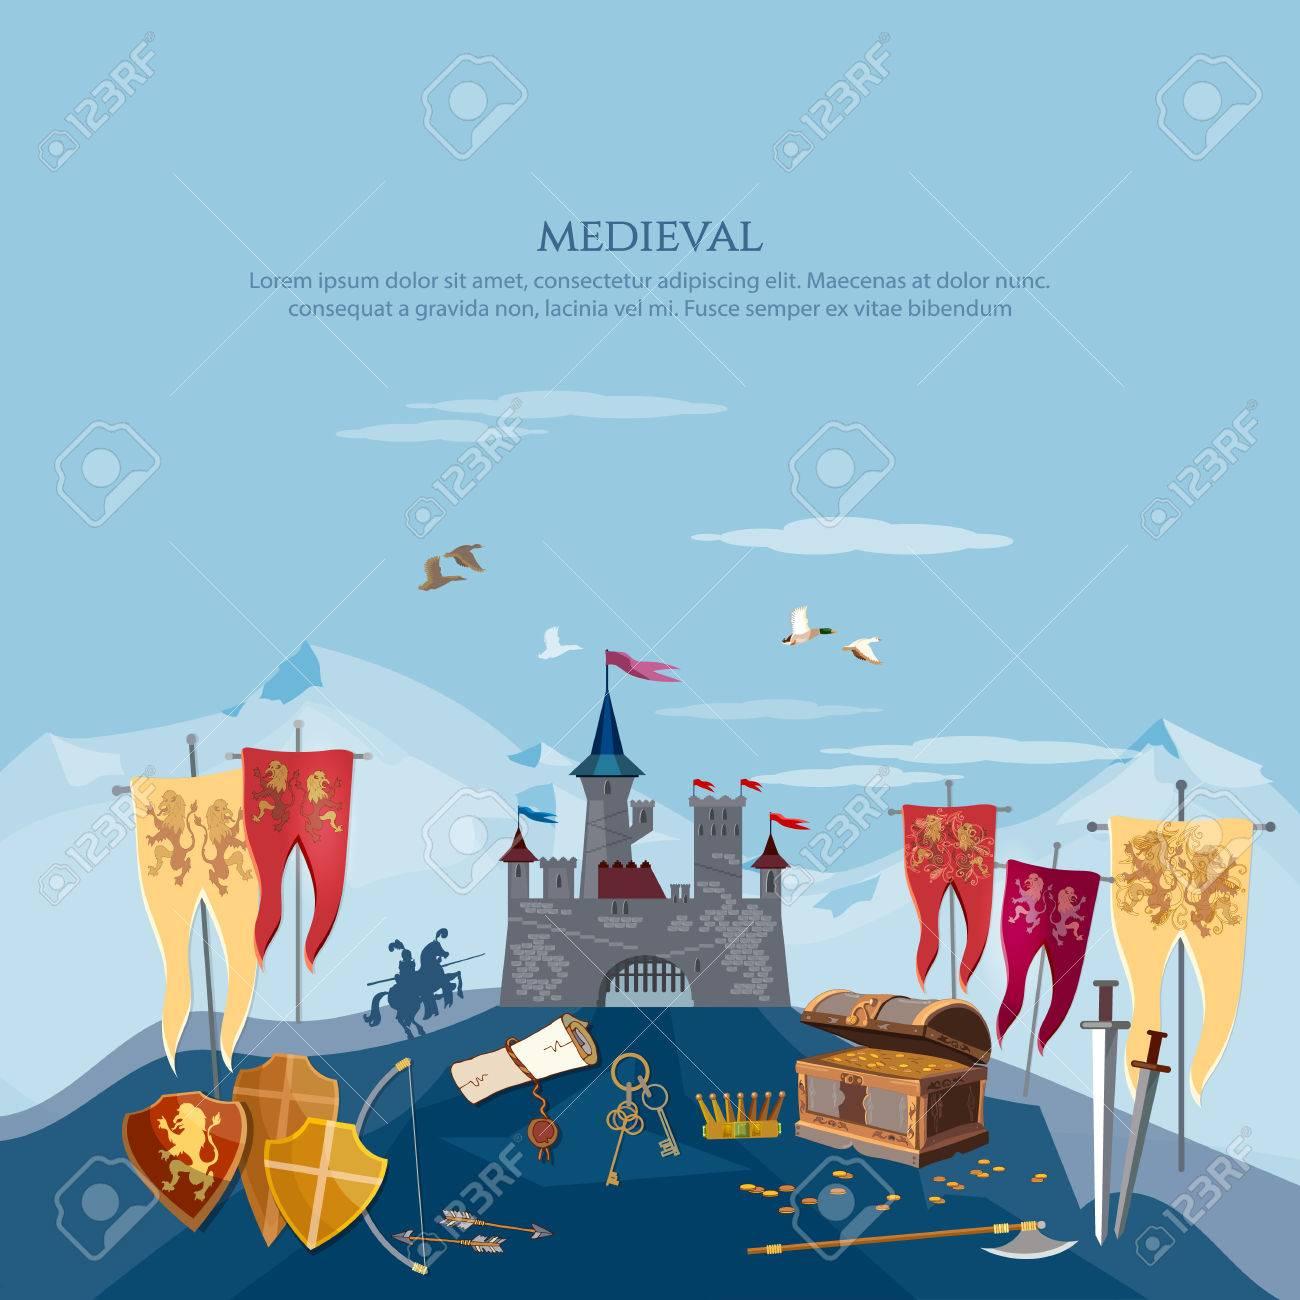 Mittelalterlicher Hintergrund Ritter Alte Waffen Truhe Mit